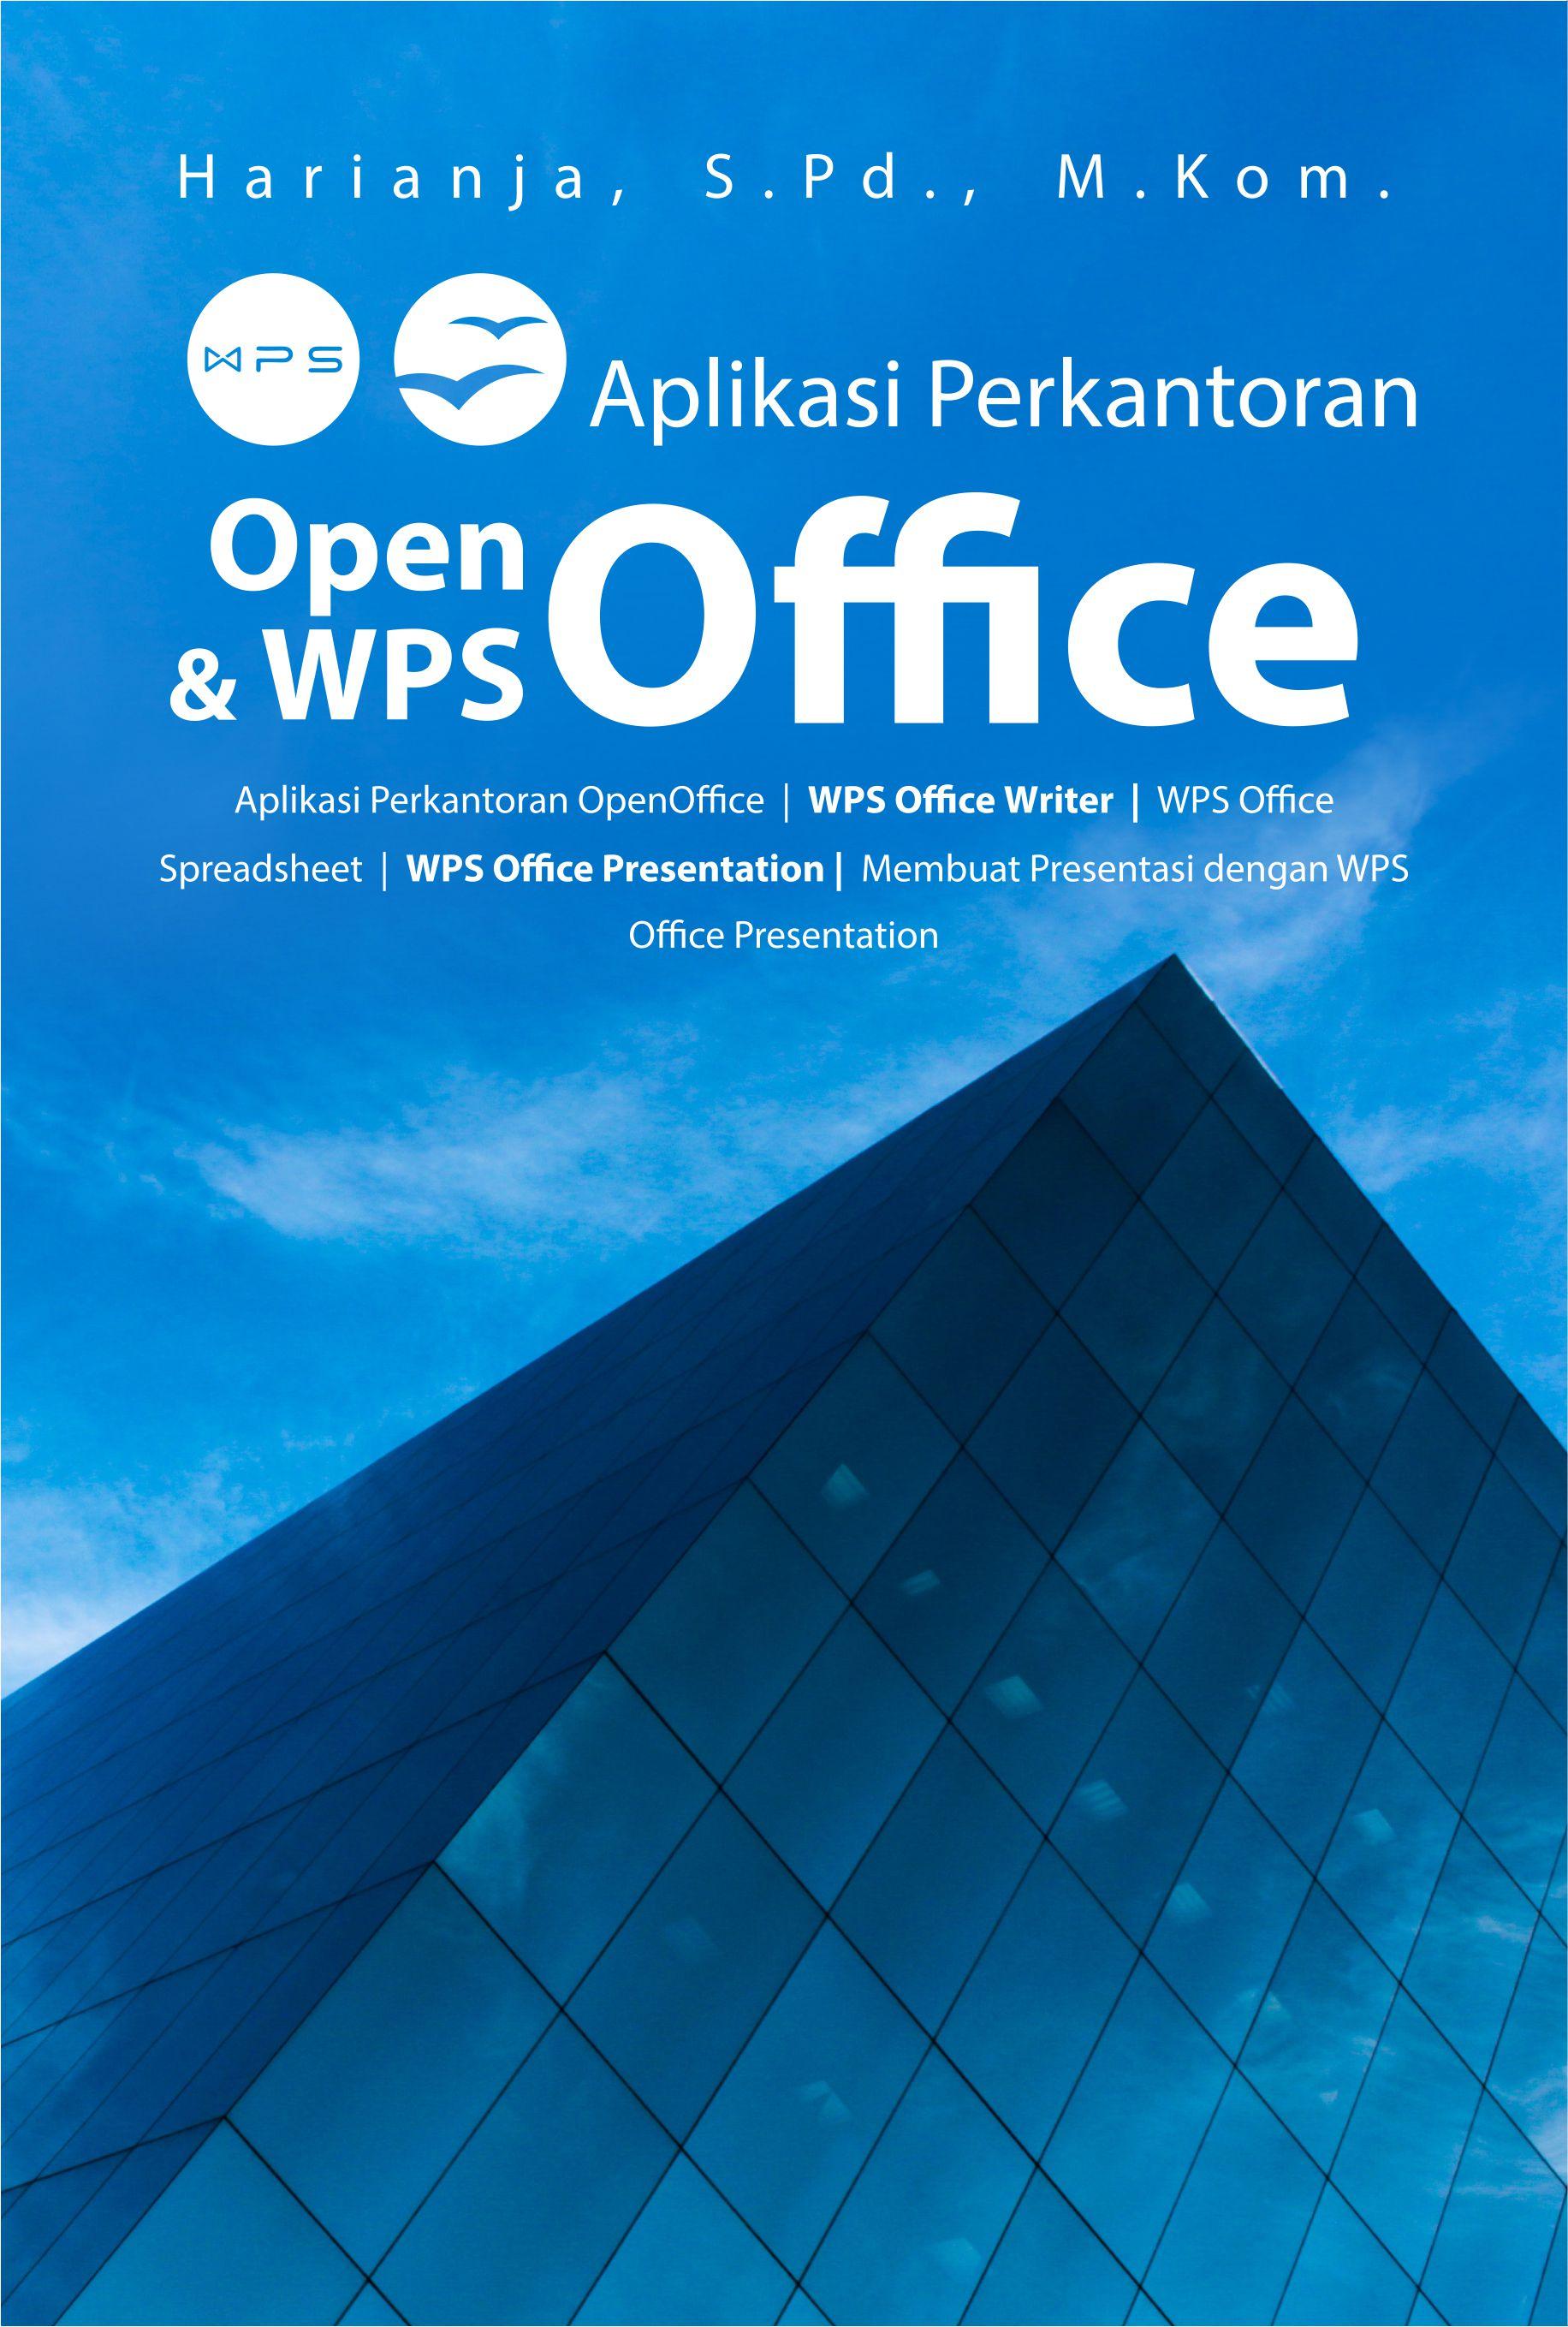 Aplikasi perkantoran Open Office dan WPS Office [sumber elektronis]